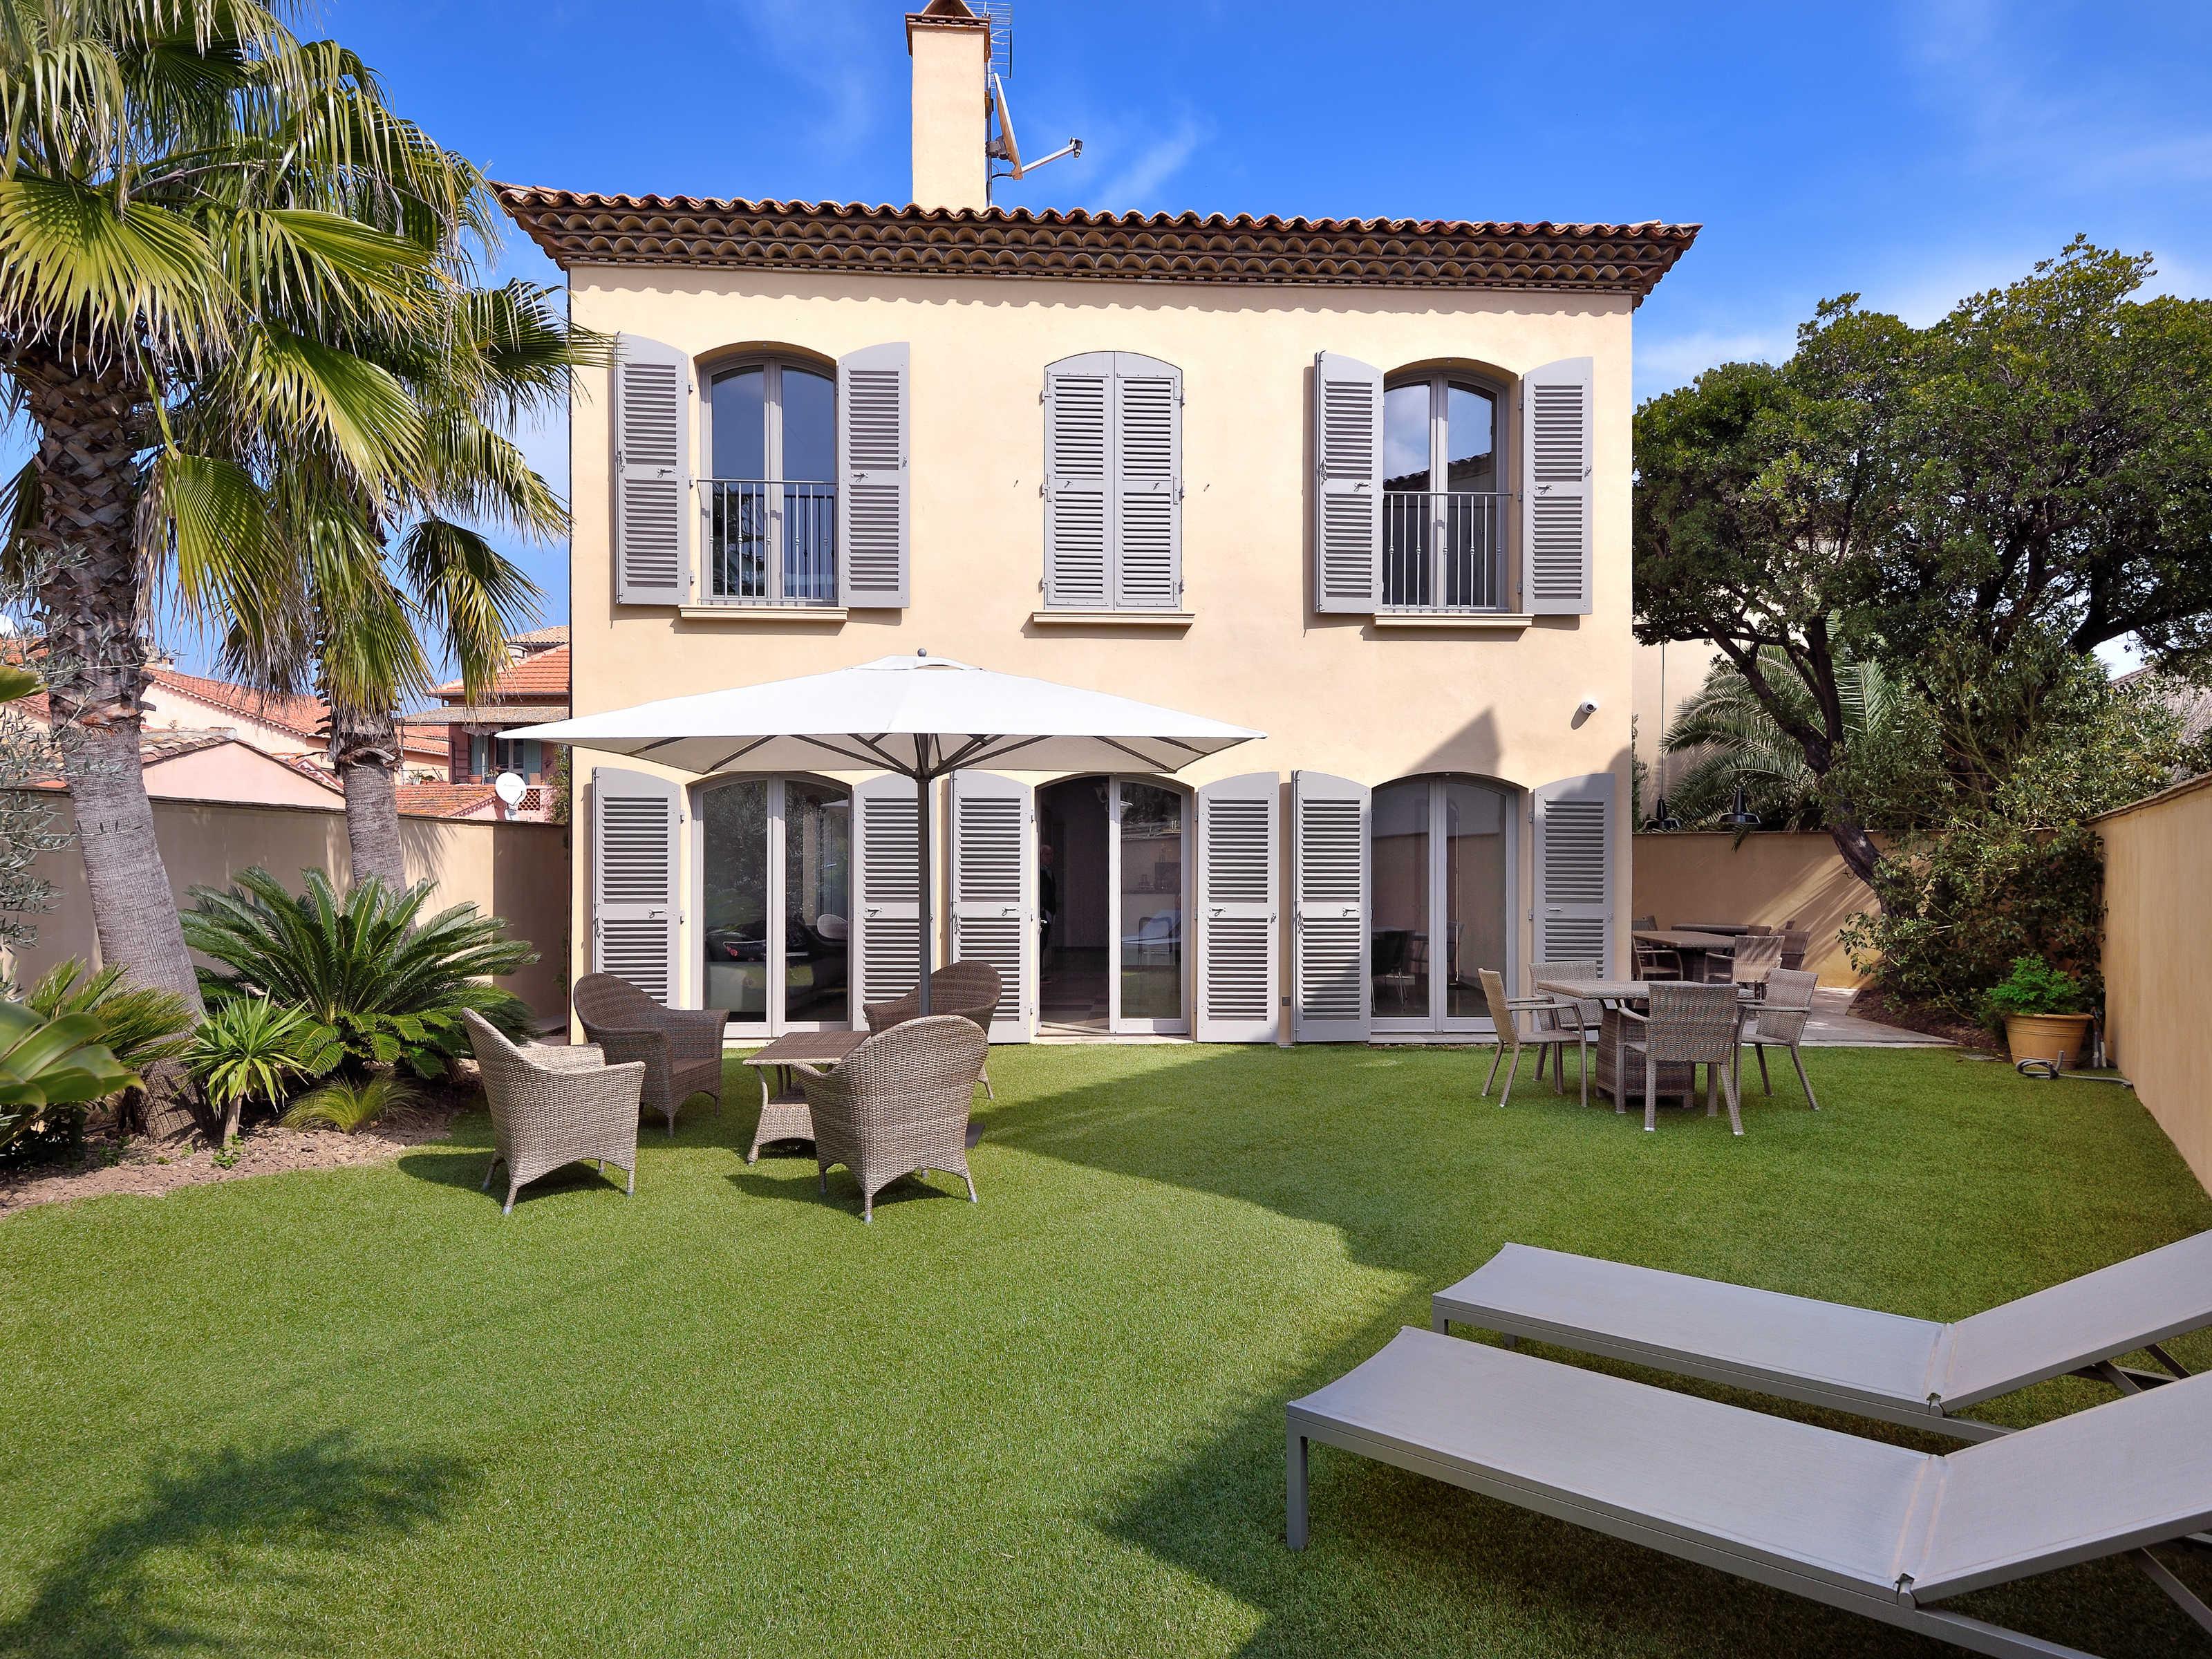 Single Family Home for Sale at Centre of Saint Tropez Saint Tropez, Provence-Alpes-Cote D'Azur 83990 France